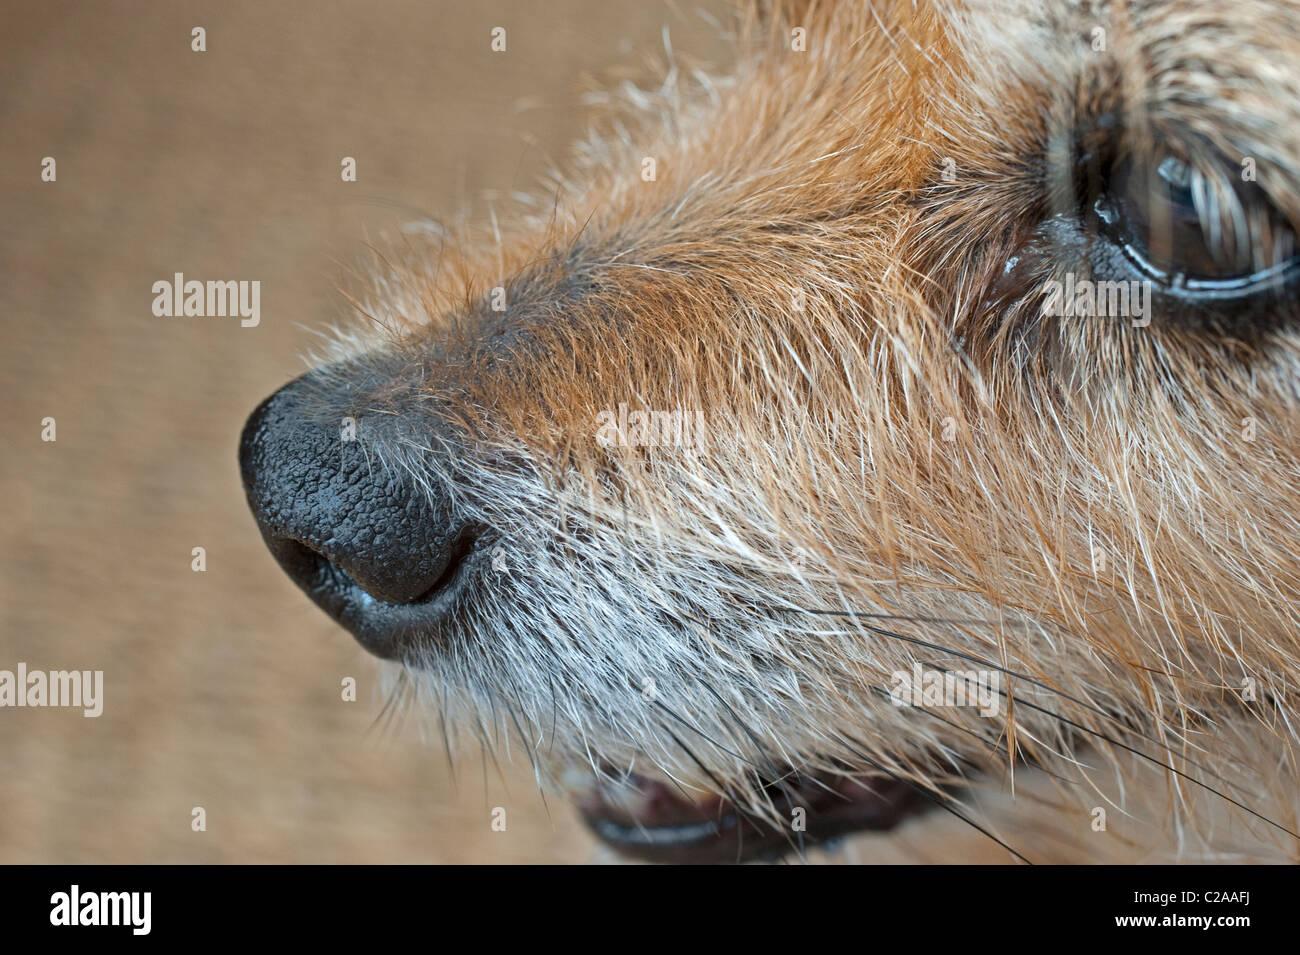 Le nez d'un chien est sans doute le plus important et sensible organe sensoriel Photo Stock